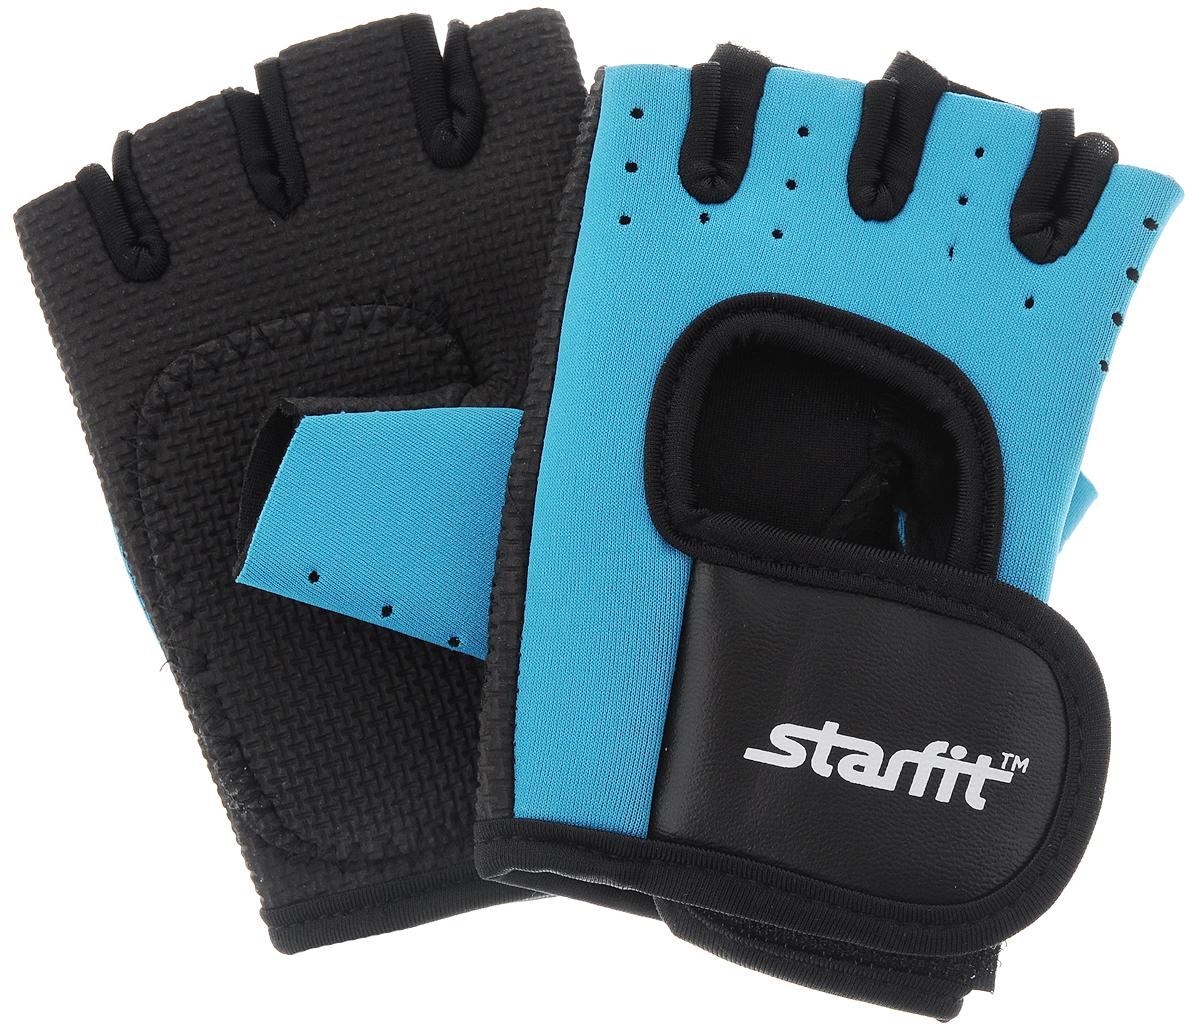 Перчатки для фитнеса Starfit SU-107, цвет: голубой, черный. Размер SУТ-00008325Перчатки для фитнеса Star Fit SU-107 необходимы для безопасной тренировки со снарядами (грифы, гантели), во время подтягиваний и отжиманий. Они минимизируют риск мозолей и ссадин на ладонях. Перчатки выполнены из нейлона, искусственной кожи, полиэстера и эластана. В рабочей части имеется вставка из тонкого поролона, обеспечивающего комфорт при тренировках. Размер перчатки (без учета большого пальца): 13,5 х 8 см.